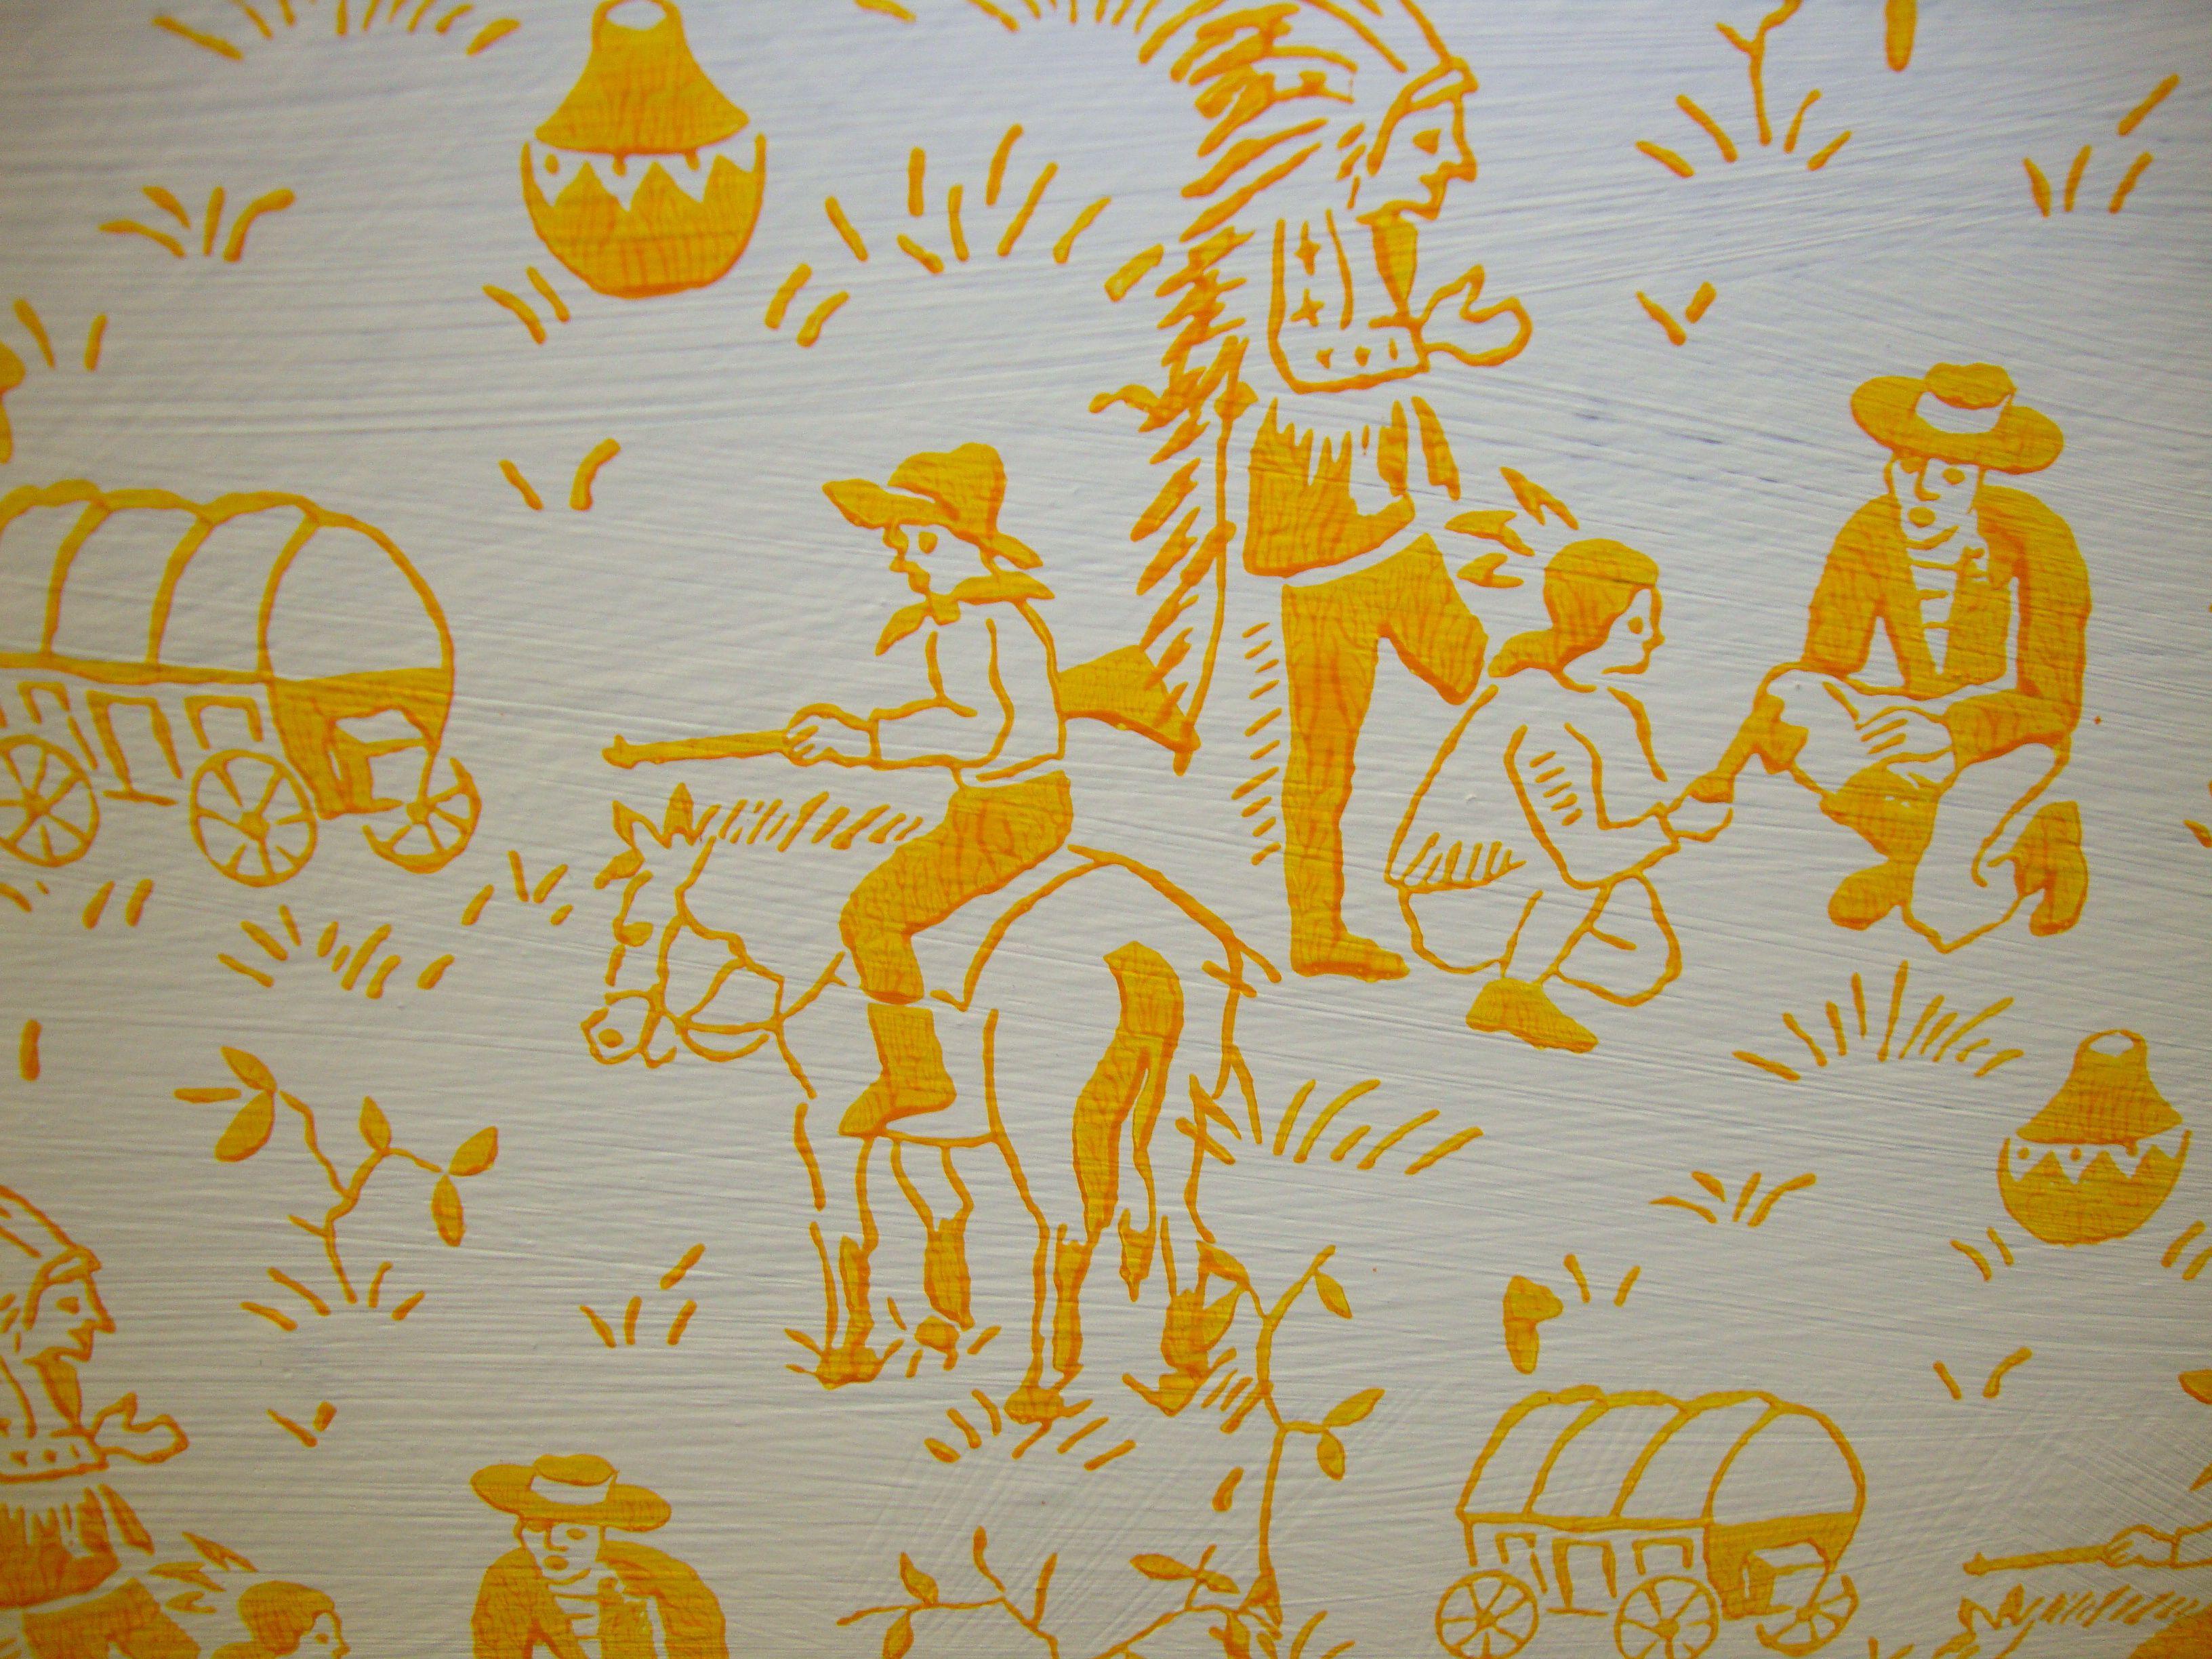 Pattern Paint Roller / Musterwalze 848 from http://www.strukturwalzen.de/doc/ausleih-musterwalzenkatalog-motive_www.strukturwalzen.de.pdf